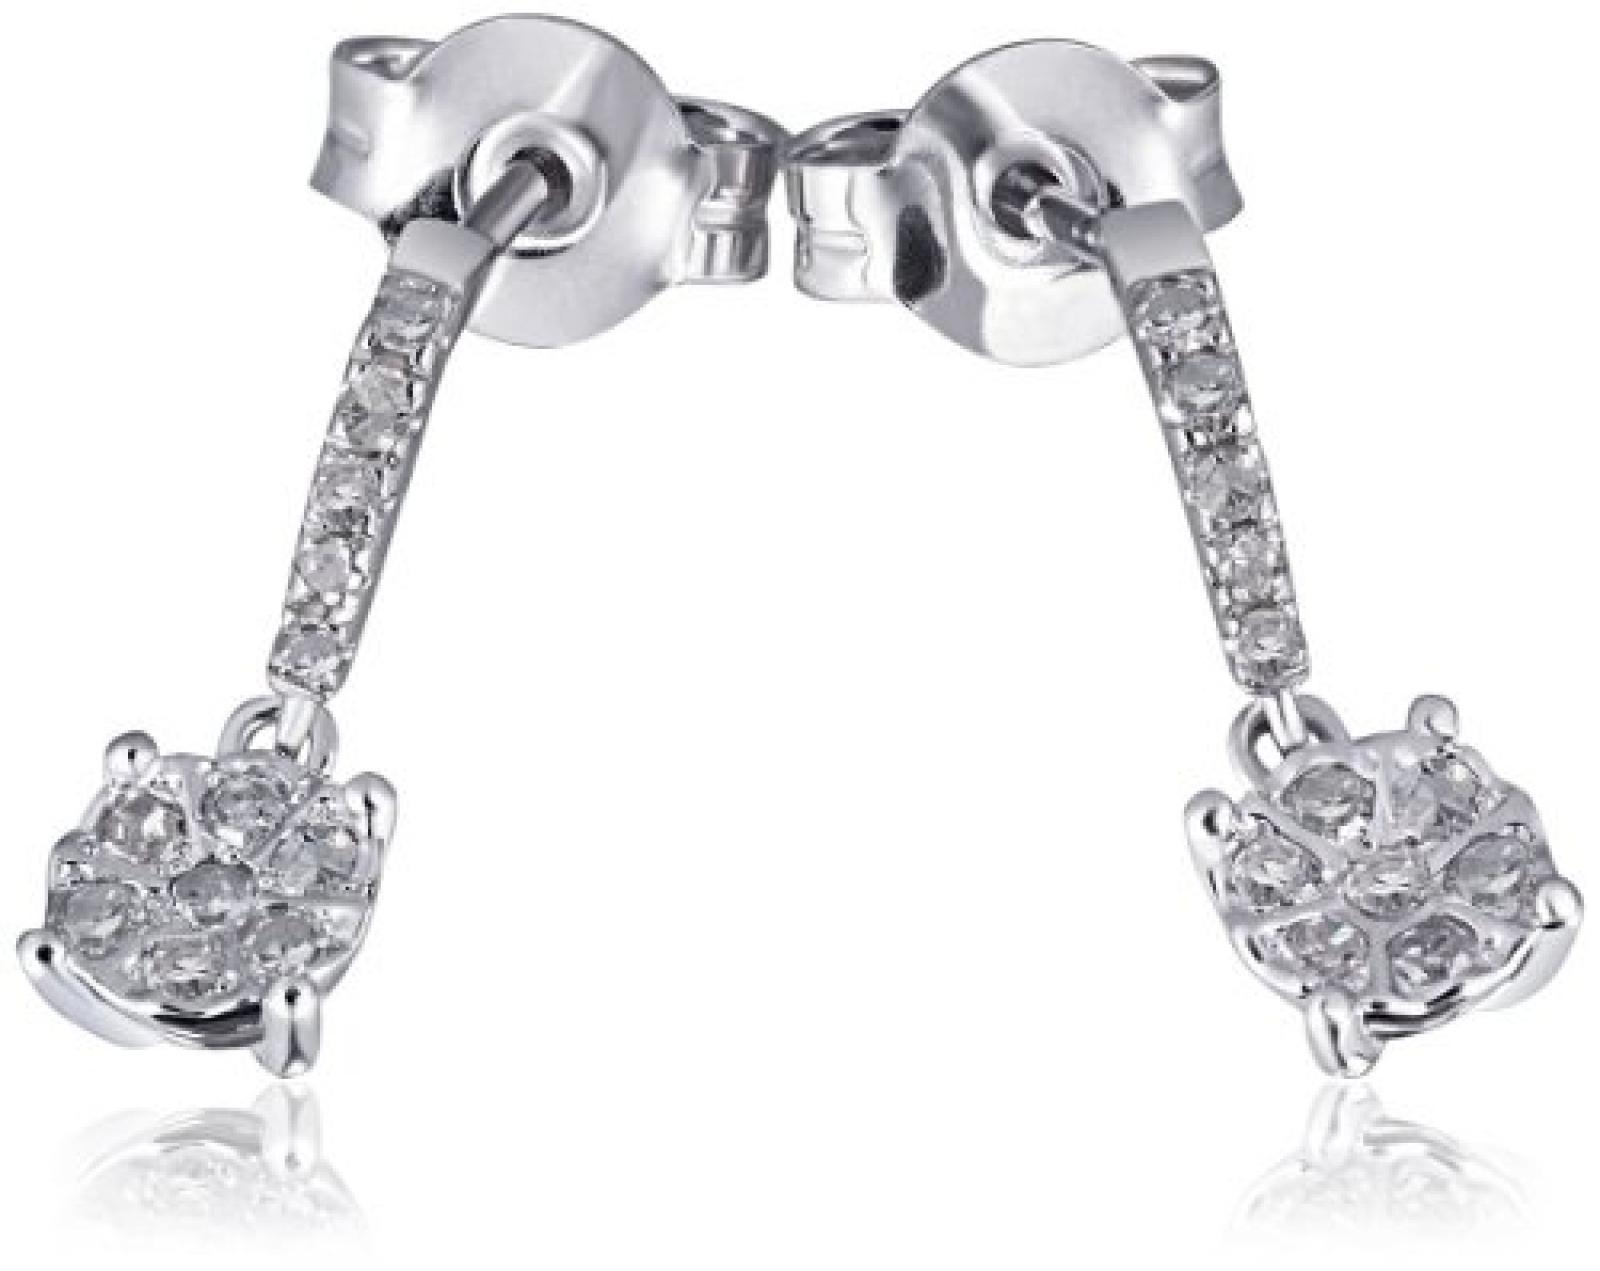 Goldmaid Damen-Ohrhänger 14 Karat 585 Weißgold Glamour 20 Diamanten 0,11 ct. Pa O6337WG